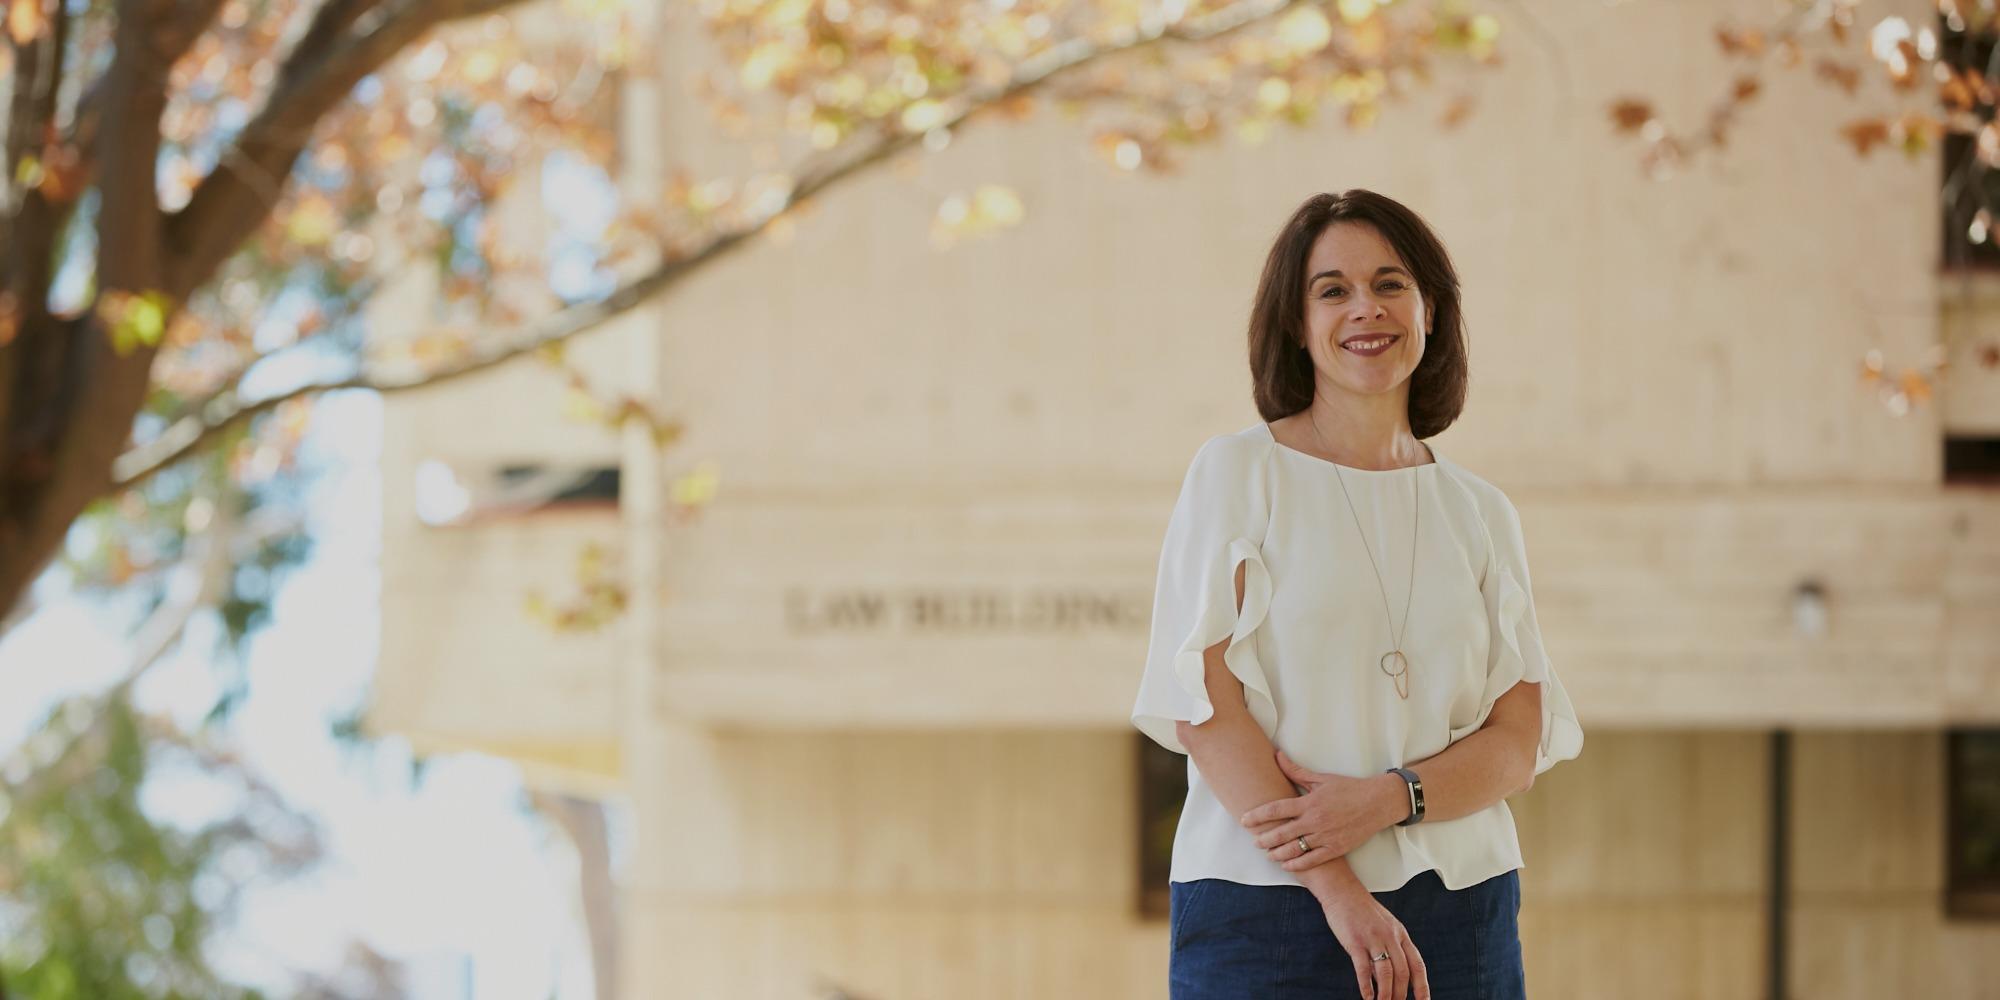 Assistant Professor Kate Offer